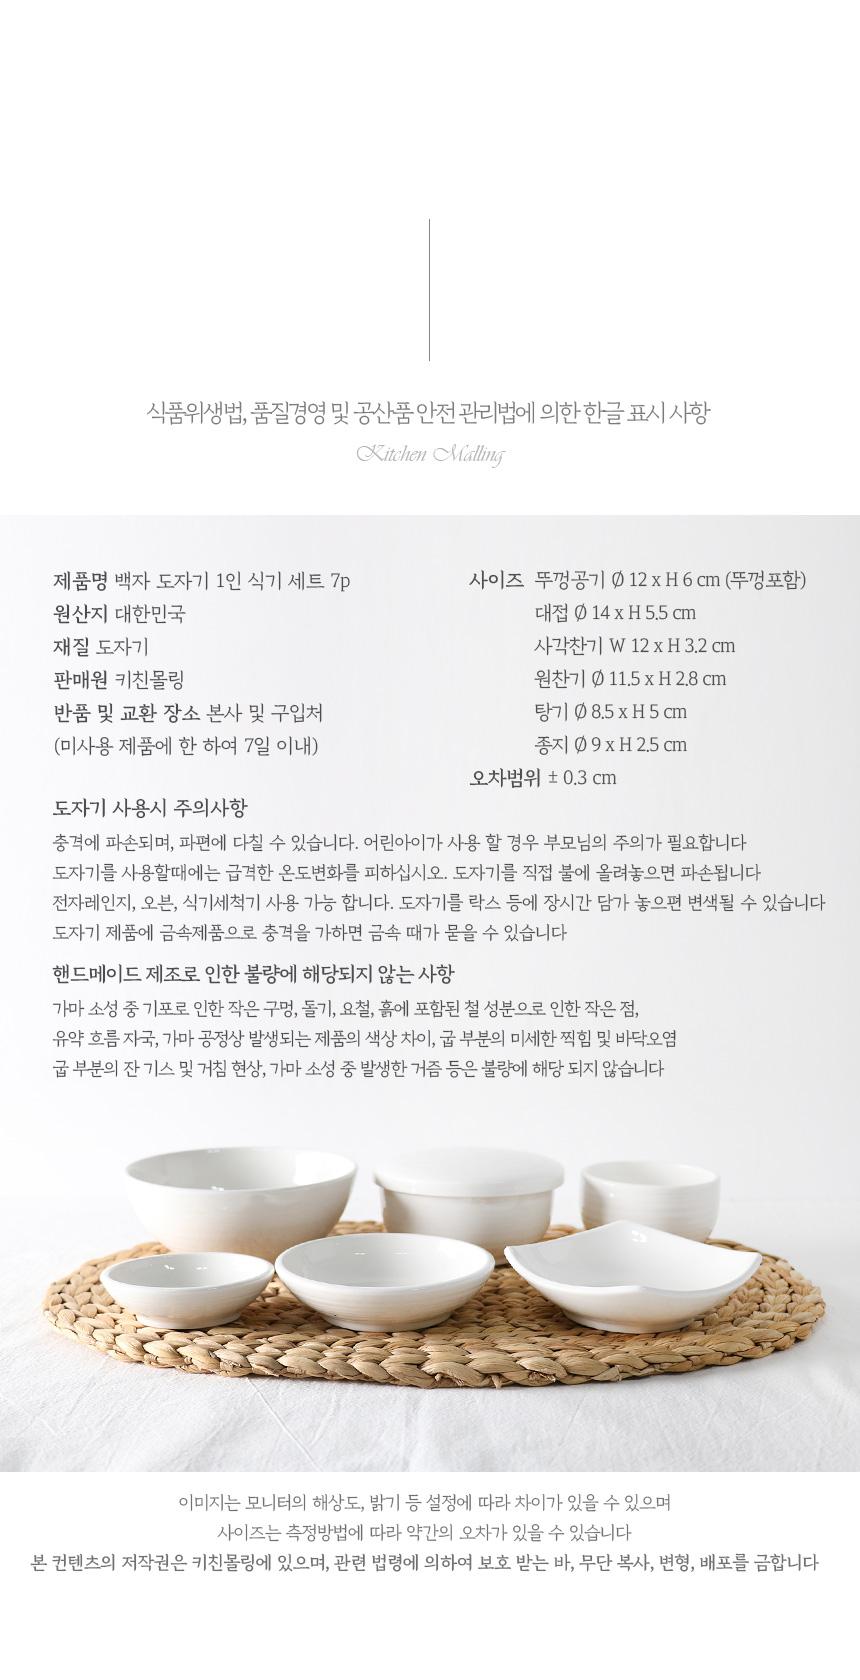 백자 1인 도자기 식기세트 7p - 키친몰링, 26,500원, 식기홈세트, 1인세트